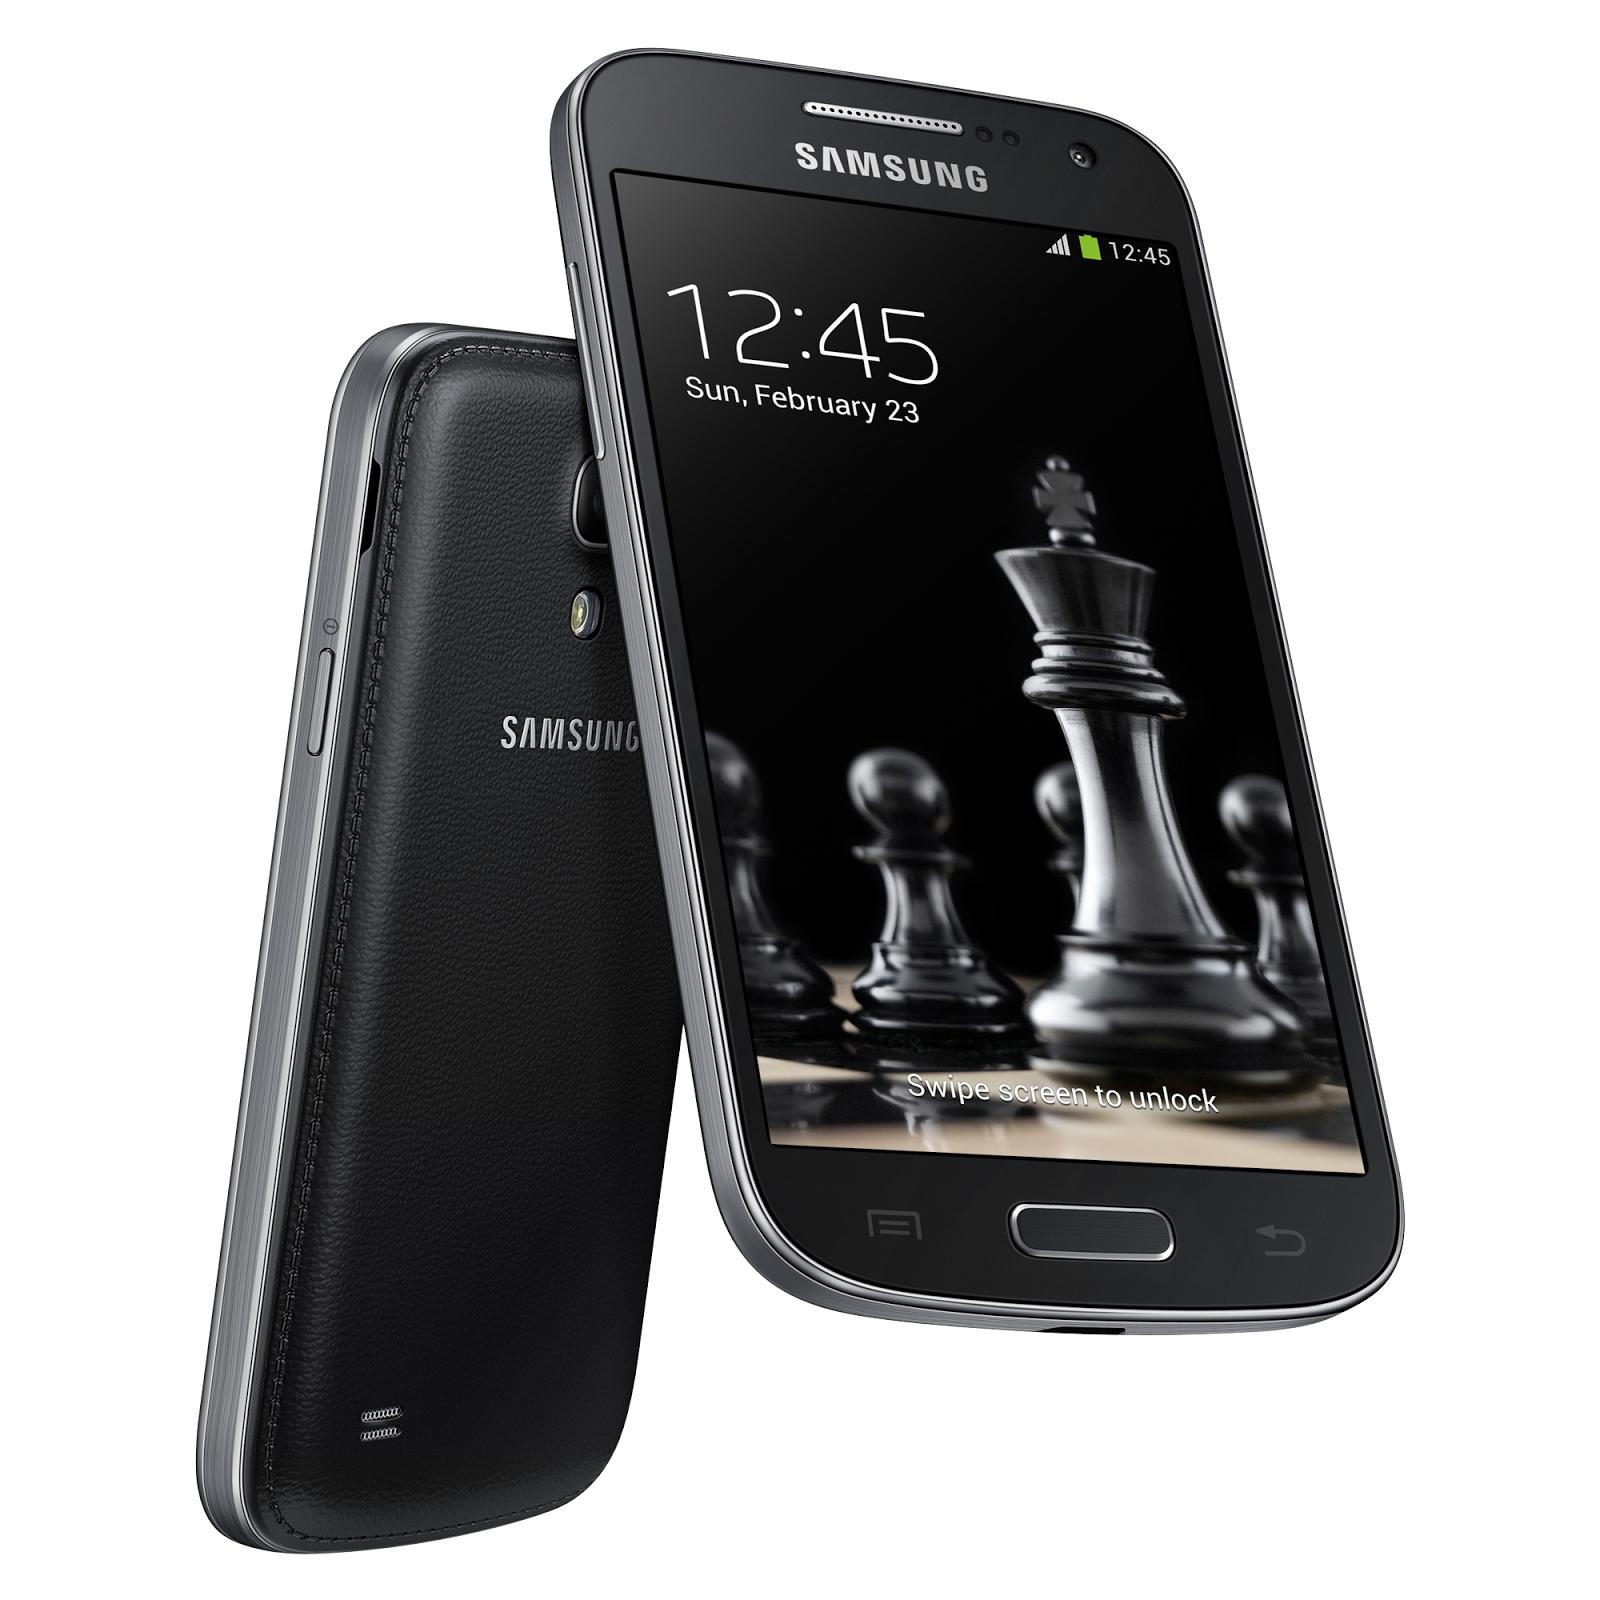 Samsung galaxy s4 mini black edition 2